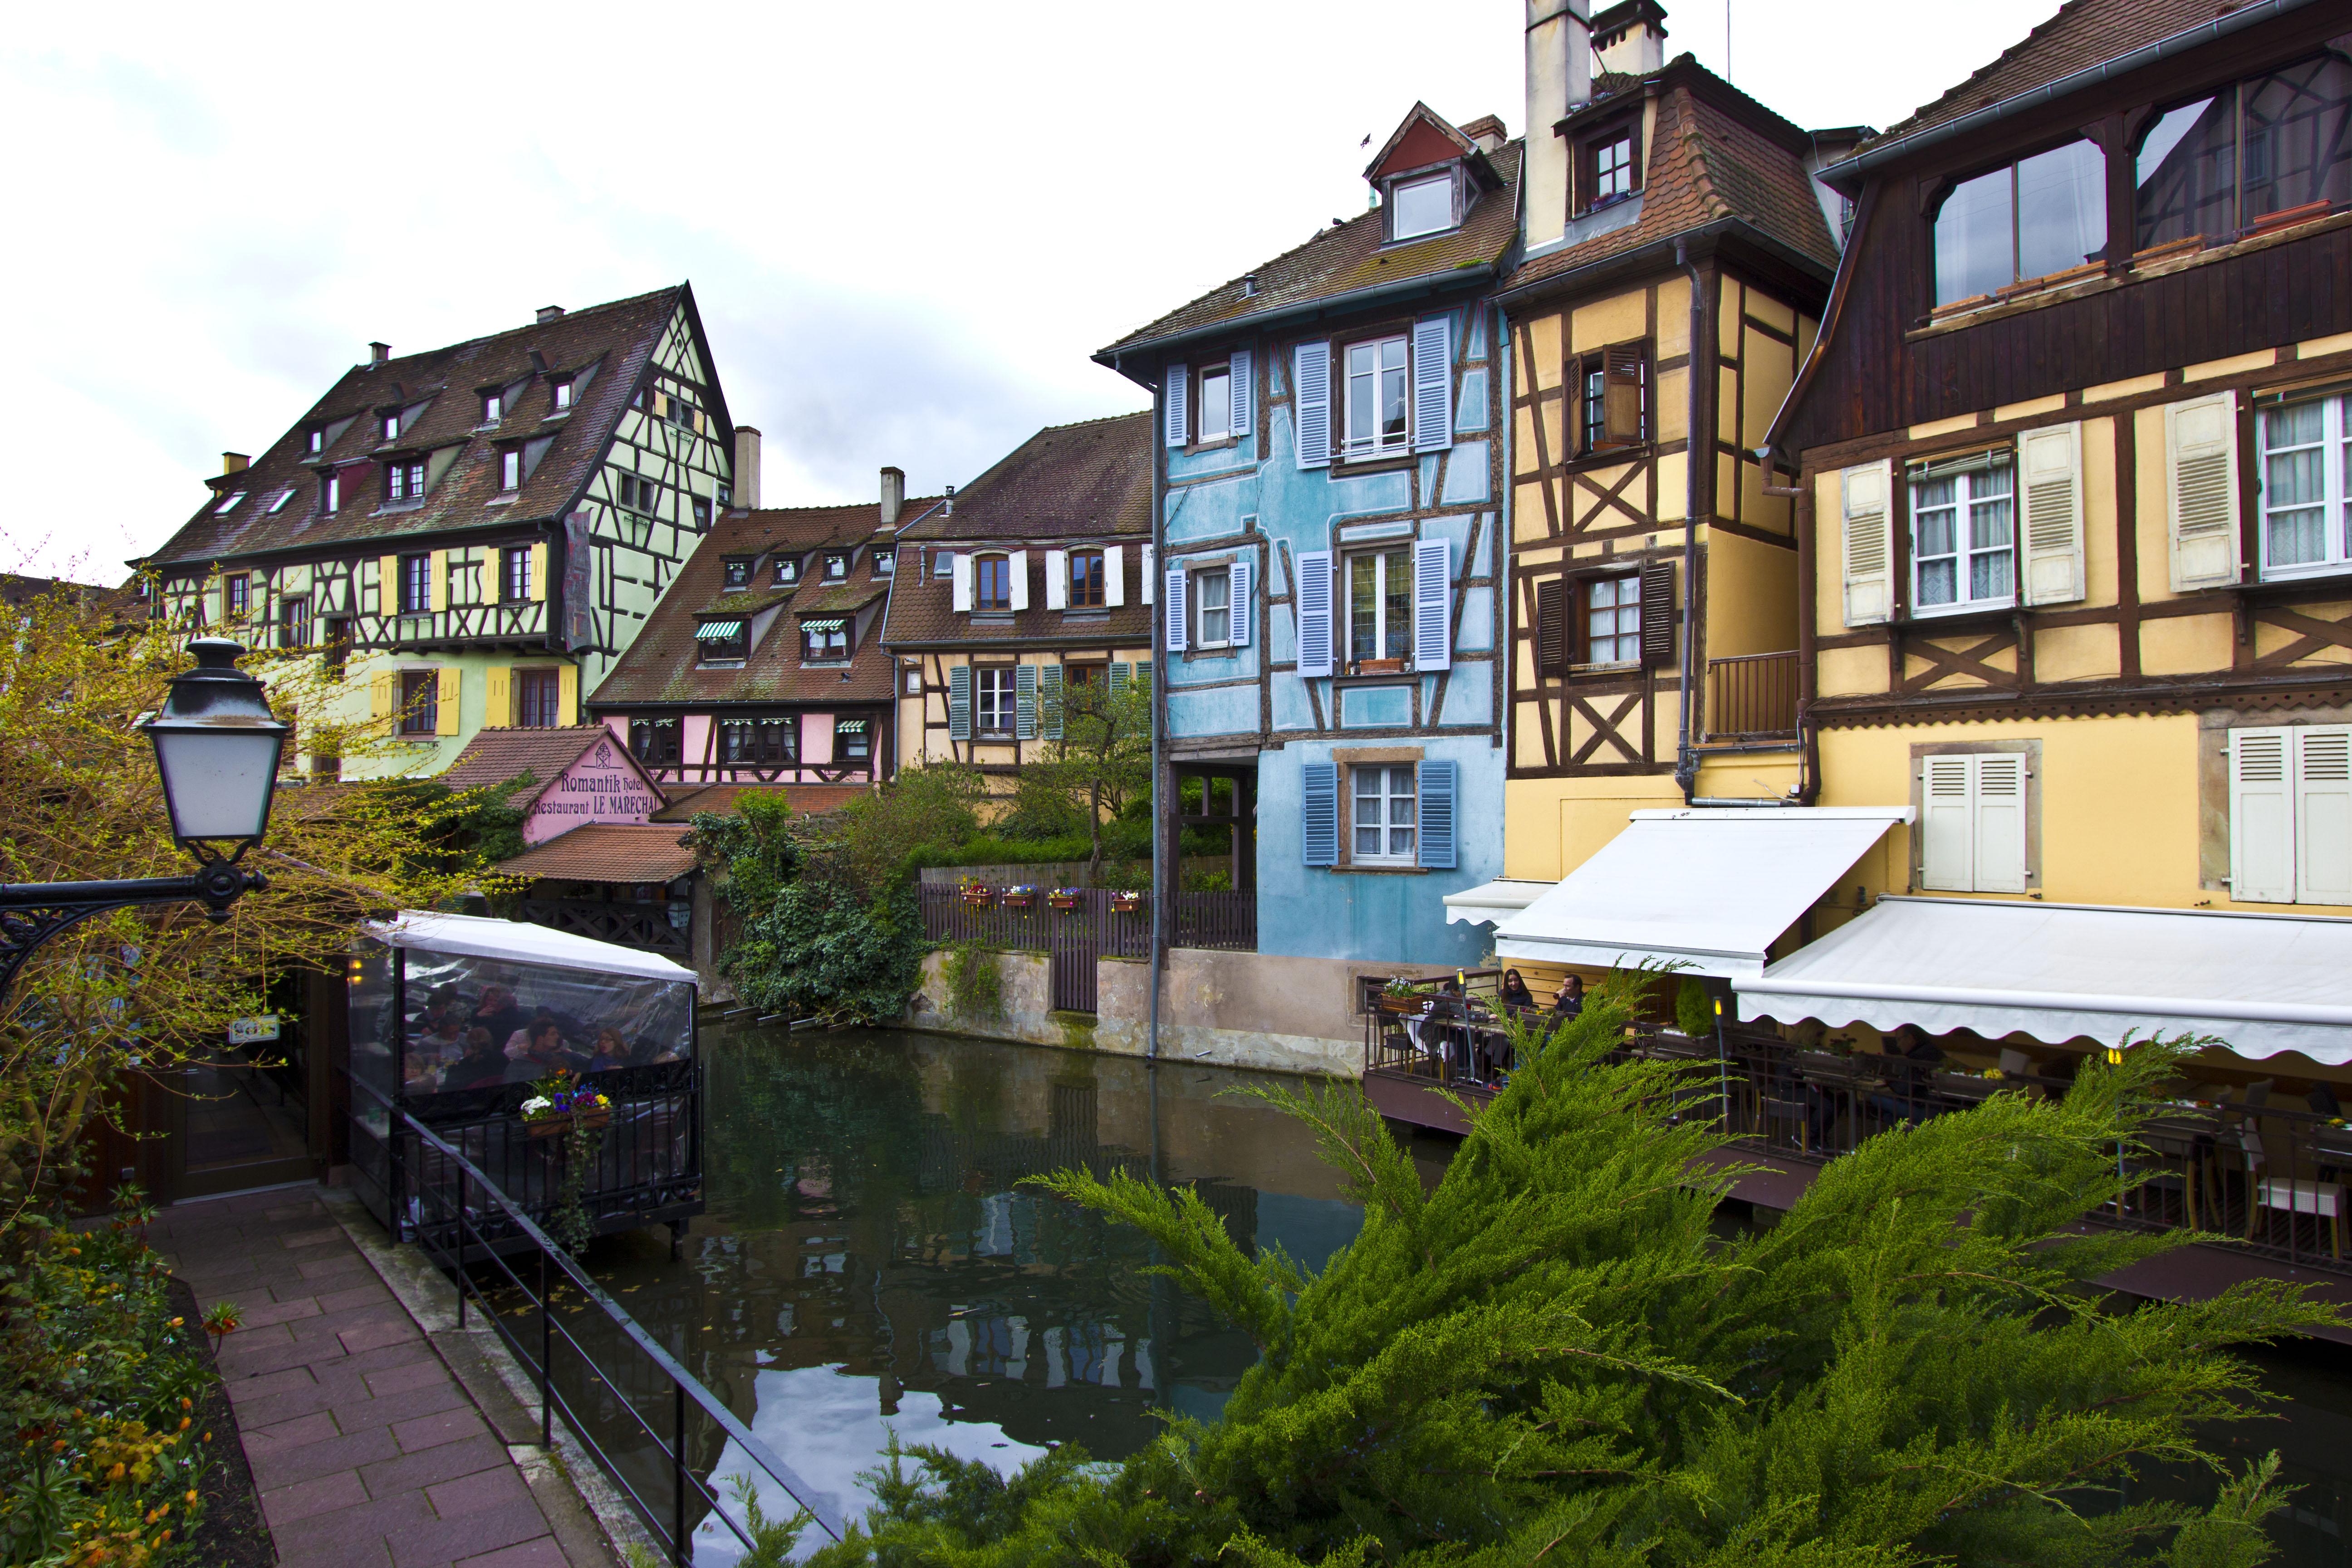 France – Colmar